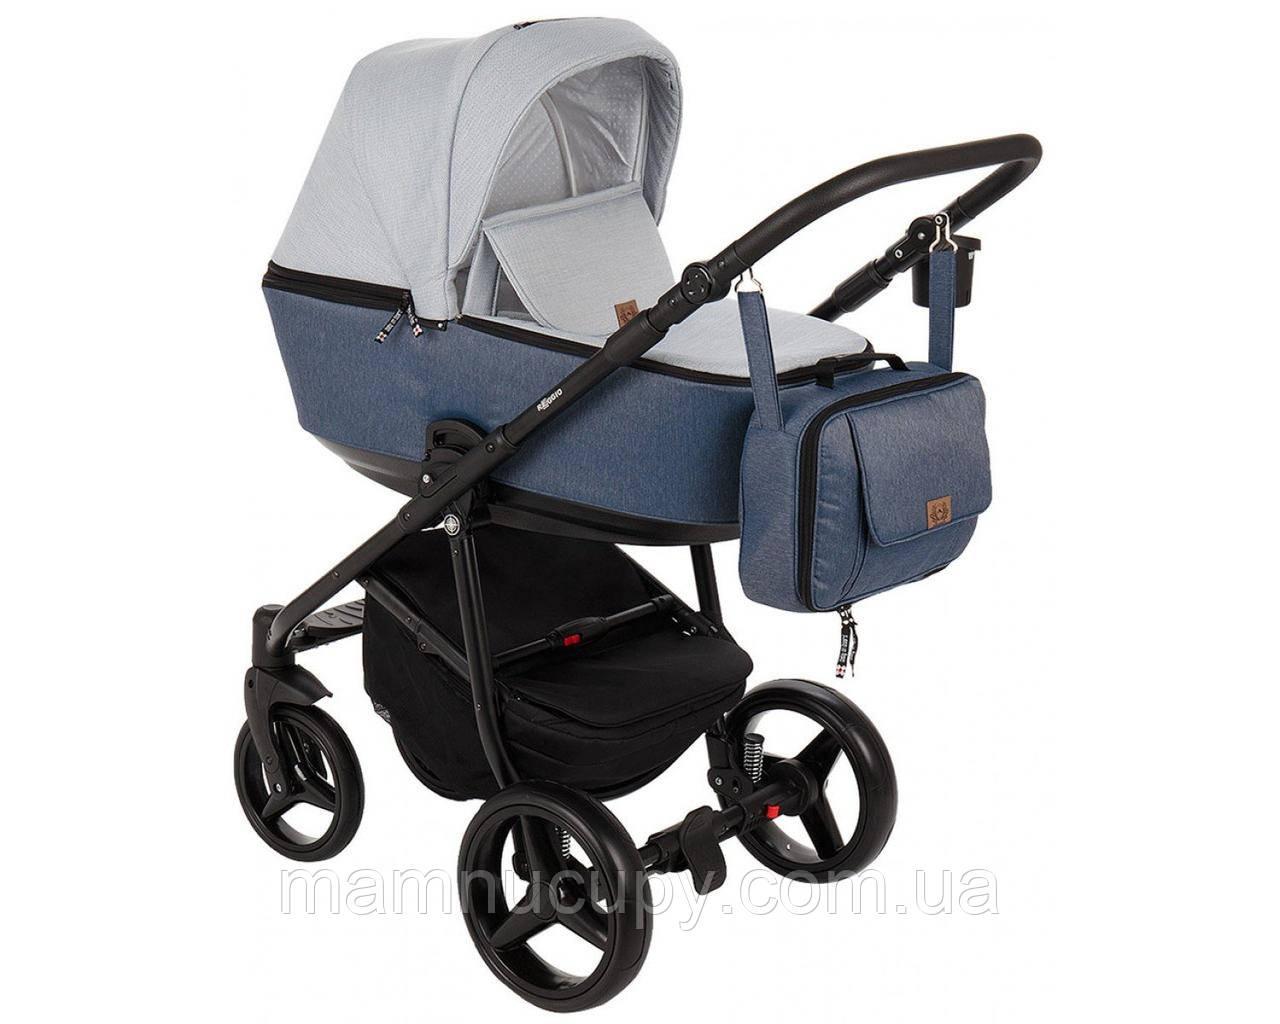 Универсальная коляска 2 в 1 Adamex Reggio Y41